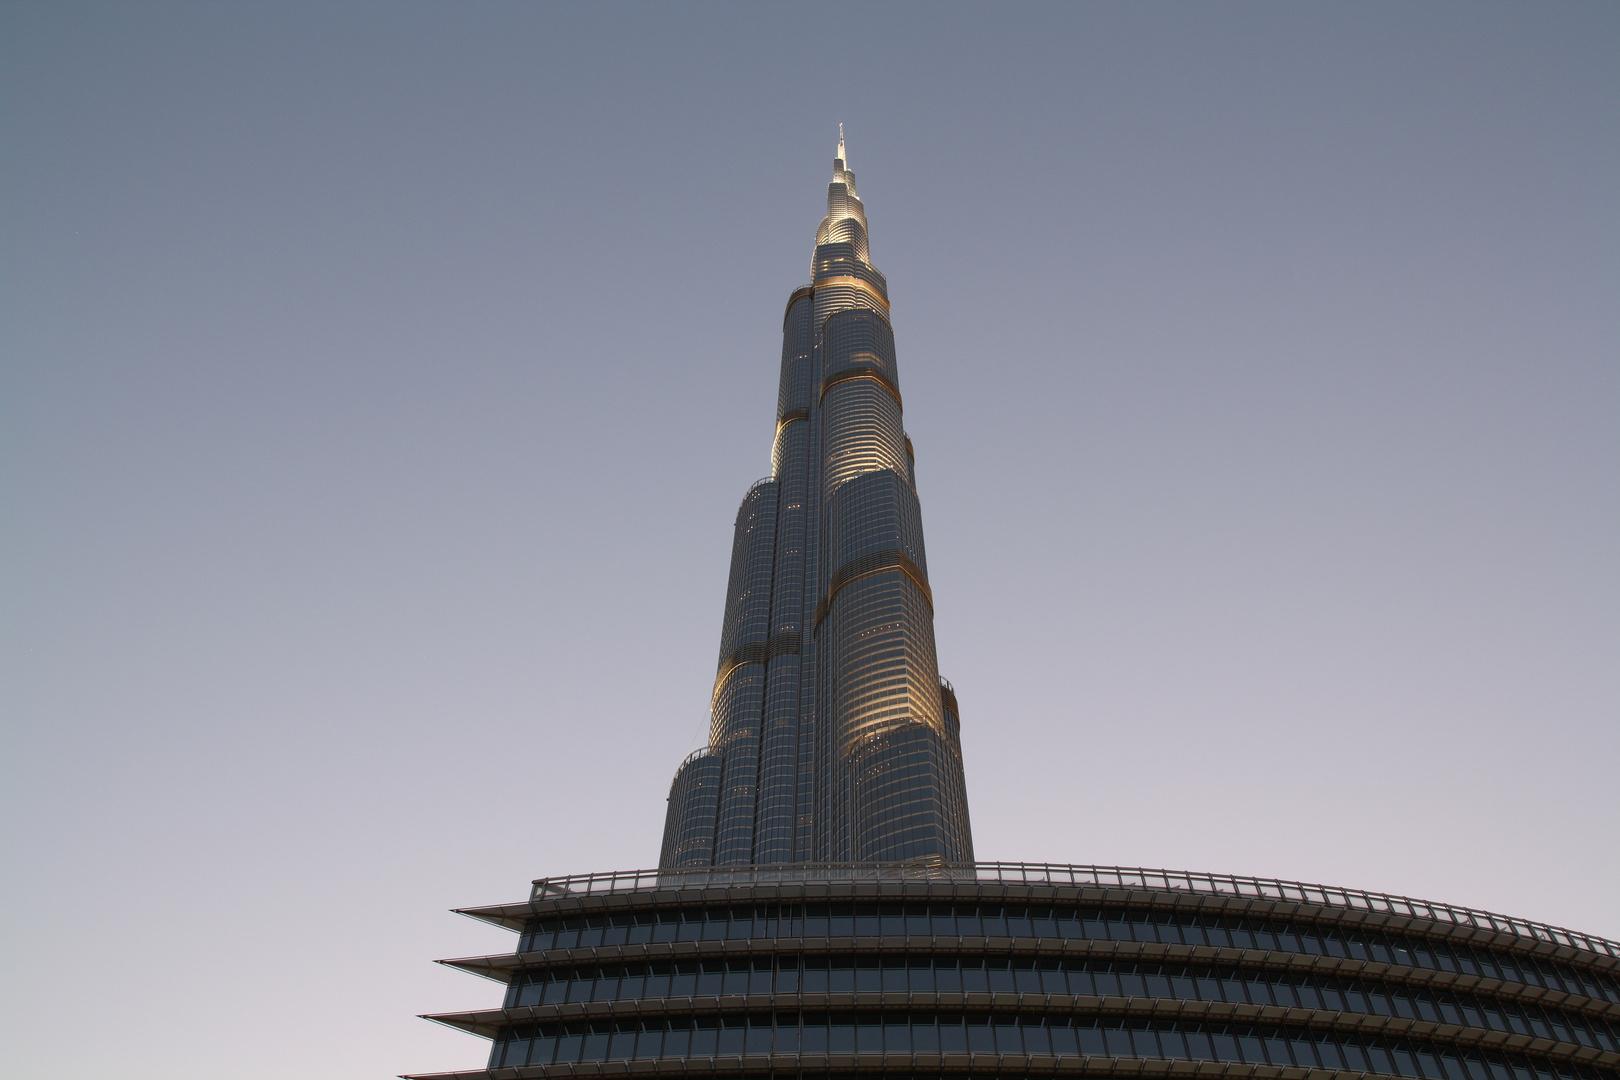 -Burj Khalifa-